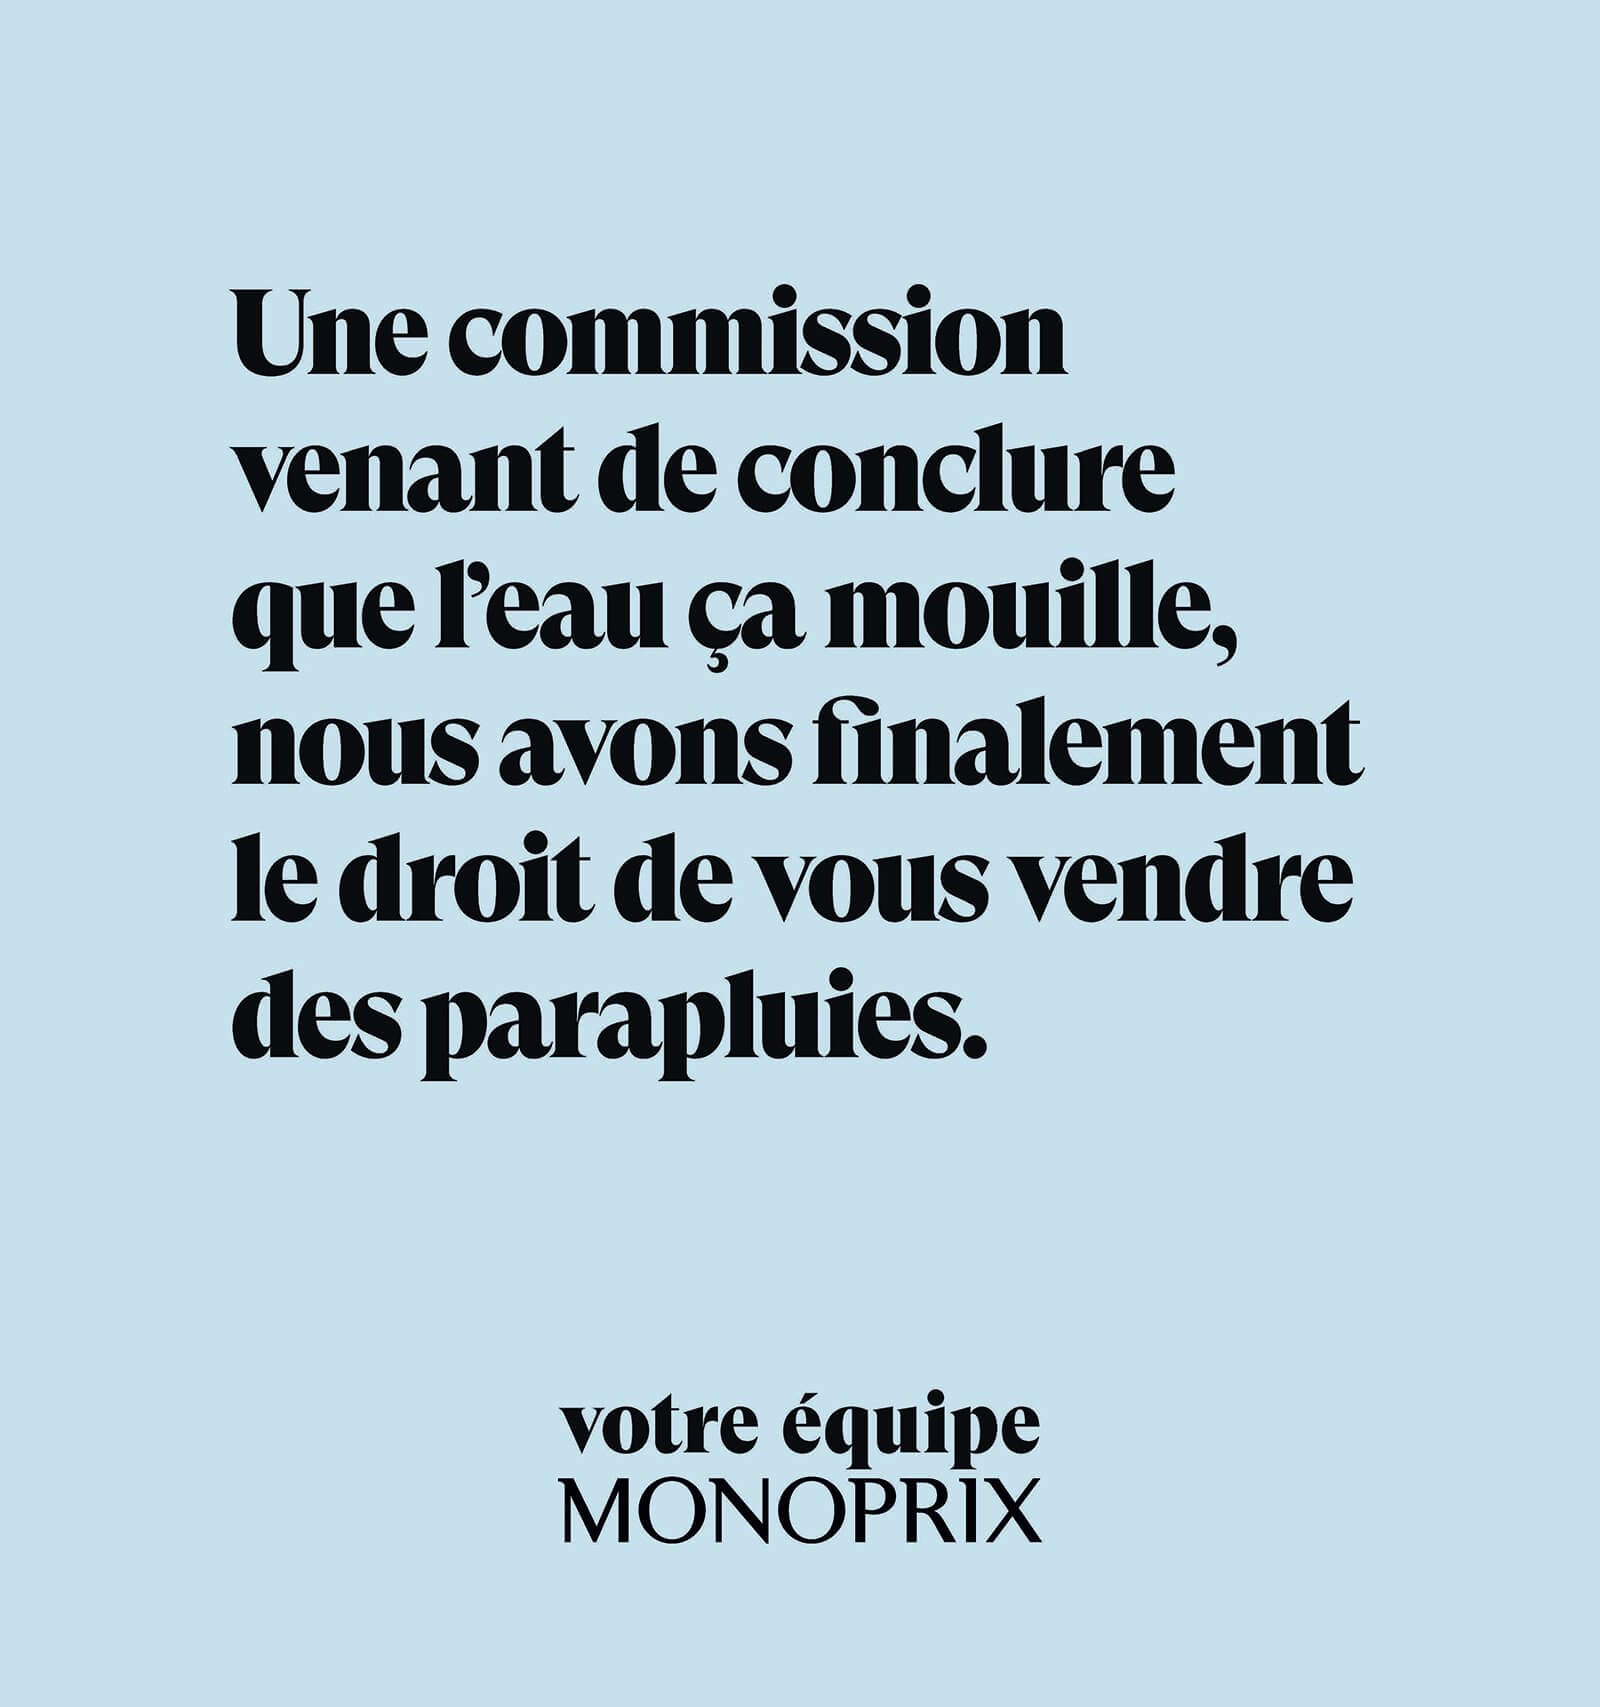 """Suite à la fermeture dans les grandes surfaces des rayons dits """"non-essentiels"""", Monoprix et son agence DDB Paris lancent une campagne d'affichage qui tourne en dérision les mesures du gouvernement."""